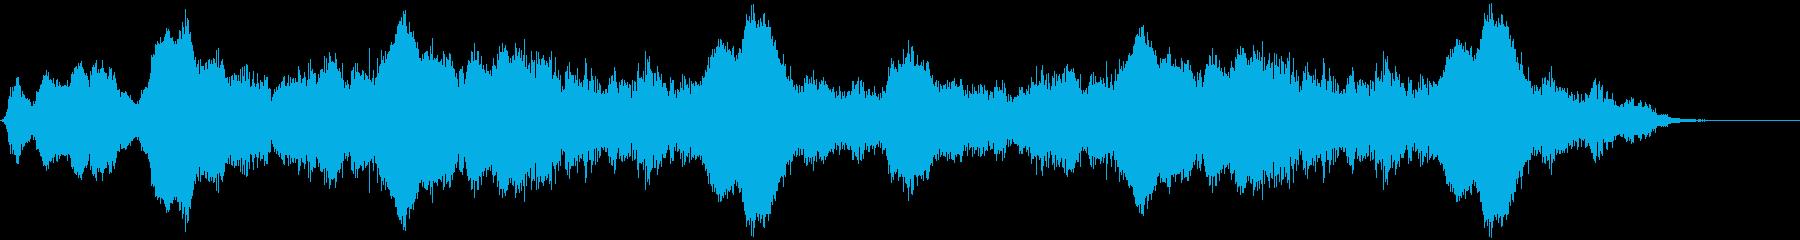 ゆっくり動く光の波光の波の再生済みの波形